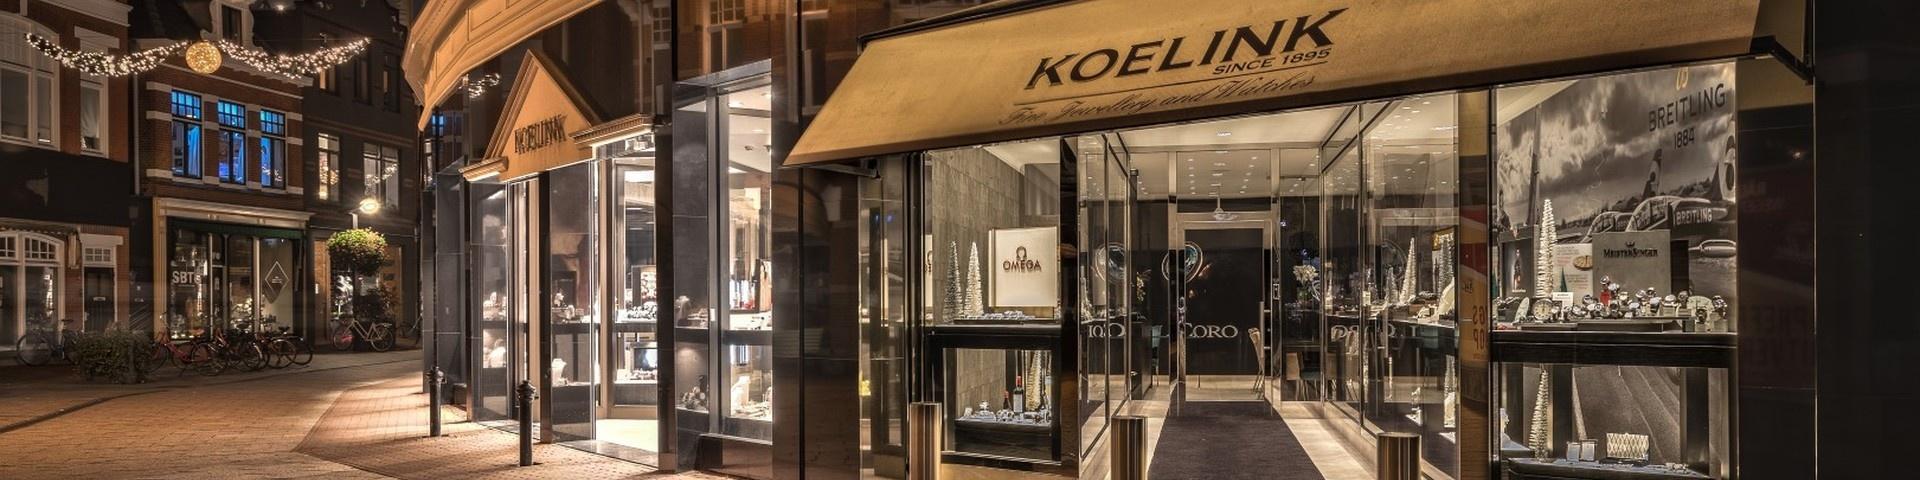 Onze winkel | Koelinkjuwelier - Juwelier Koelink